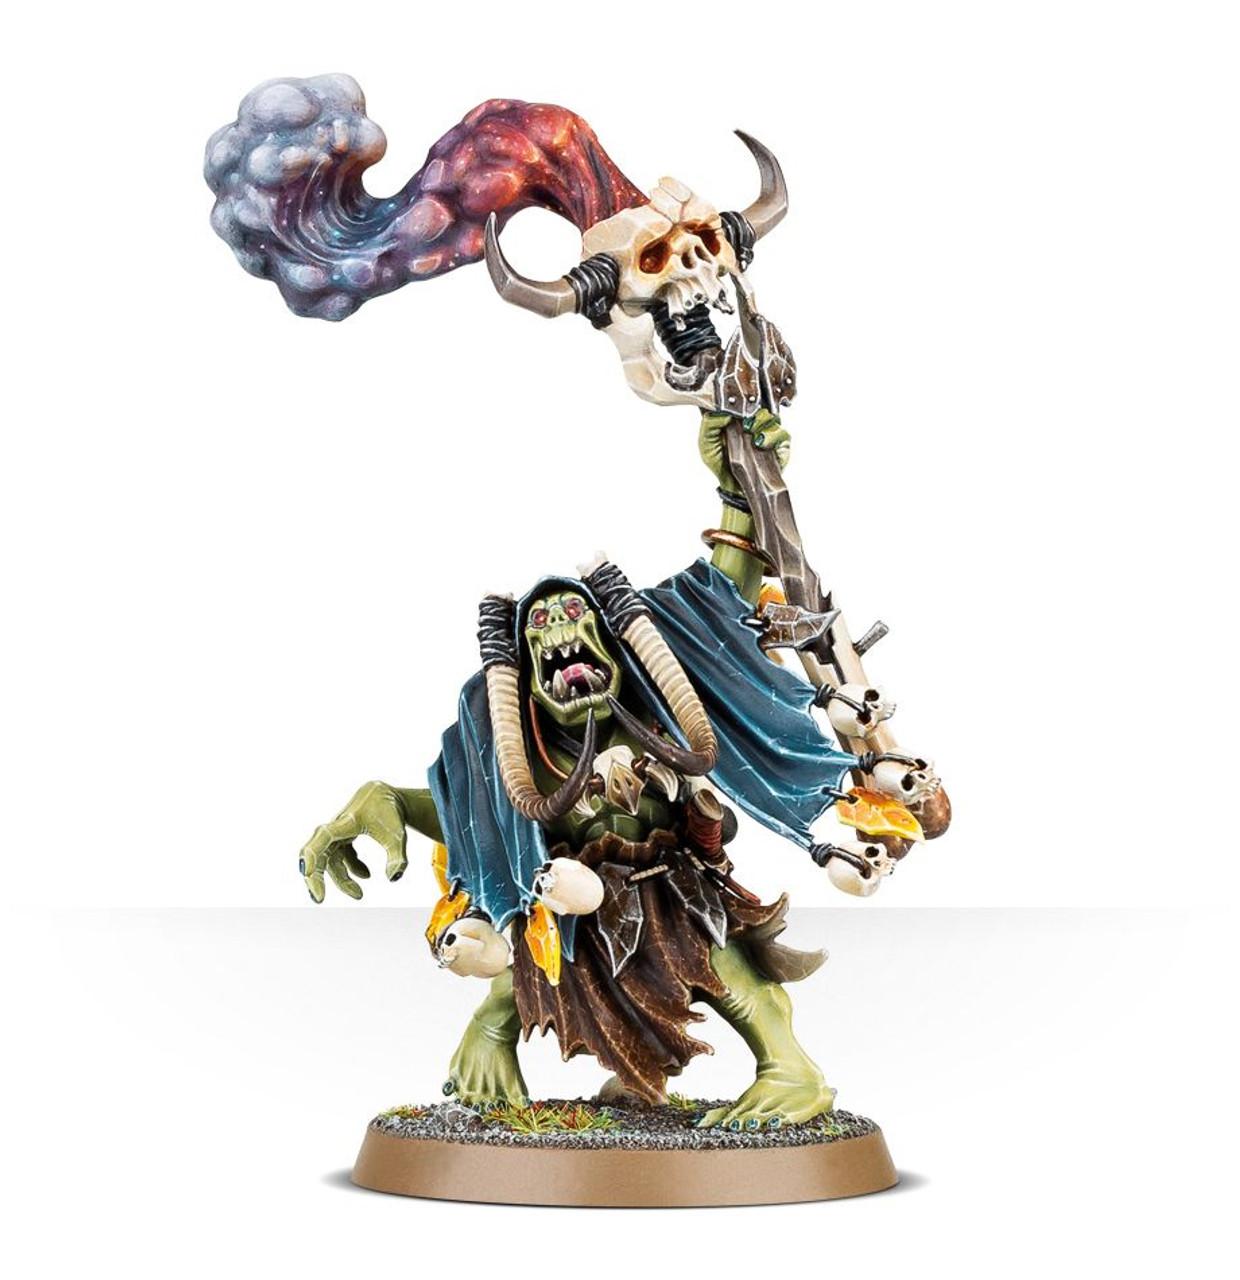 Warhammer Age of Sigmar: Ironjawz - Orruk Weirdnob Shaman